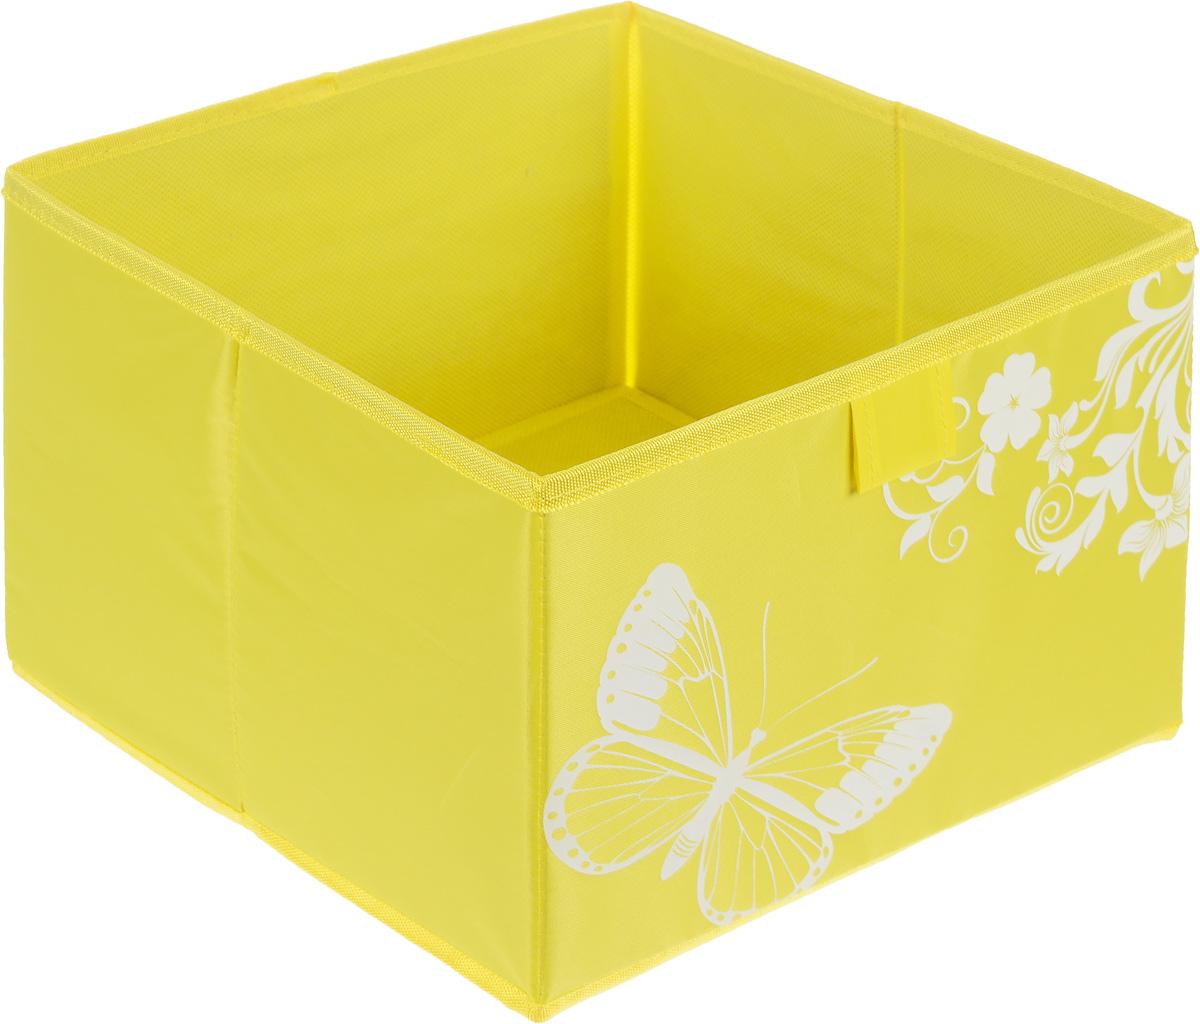 Коробка для хранения Hausmann Butterfly, цвет: желтый, 28 x 27 x 20 см1004900000360Коробка для хранения Hausmann поможет легко организовать пространство в шкафу или в гардеробе. Изделие выполнено из из нетканого материала и полиэстера. Коробка держит форму благодаря жесткой вставке из картона, которая устанавливается на дно. Боковая поверхность оформлена красивым принтом и изображением бабочки. В такой коробке удобно хранить одежду, нижнее белье, различные аксессуары.